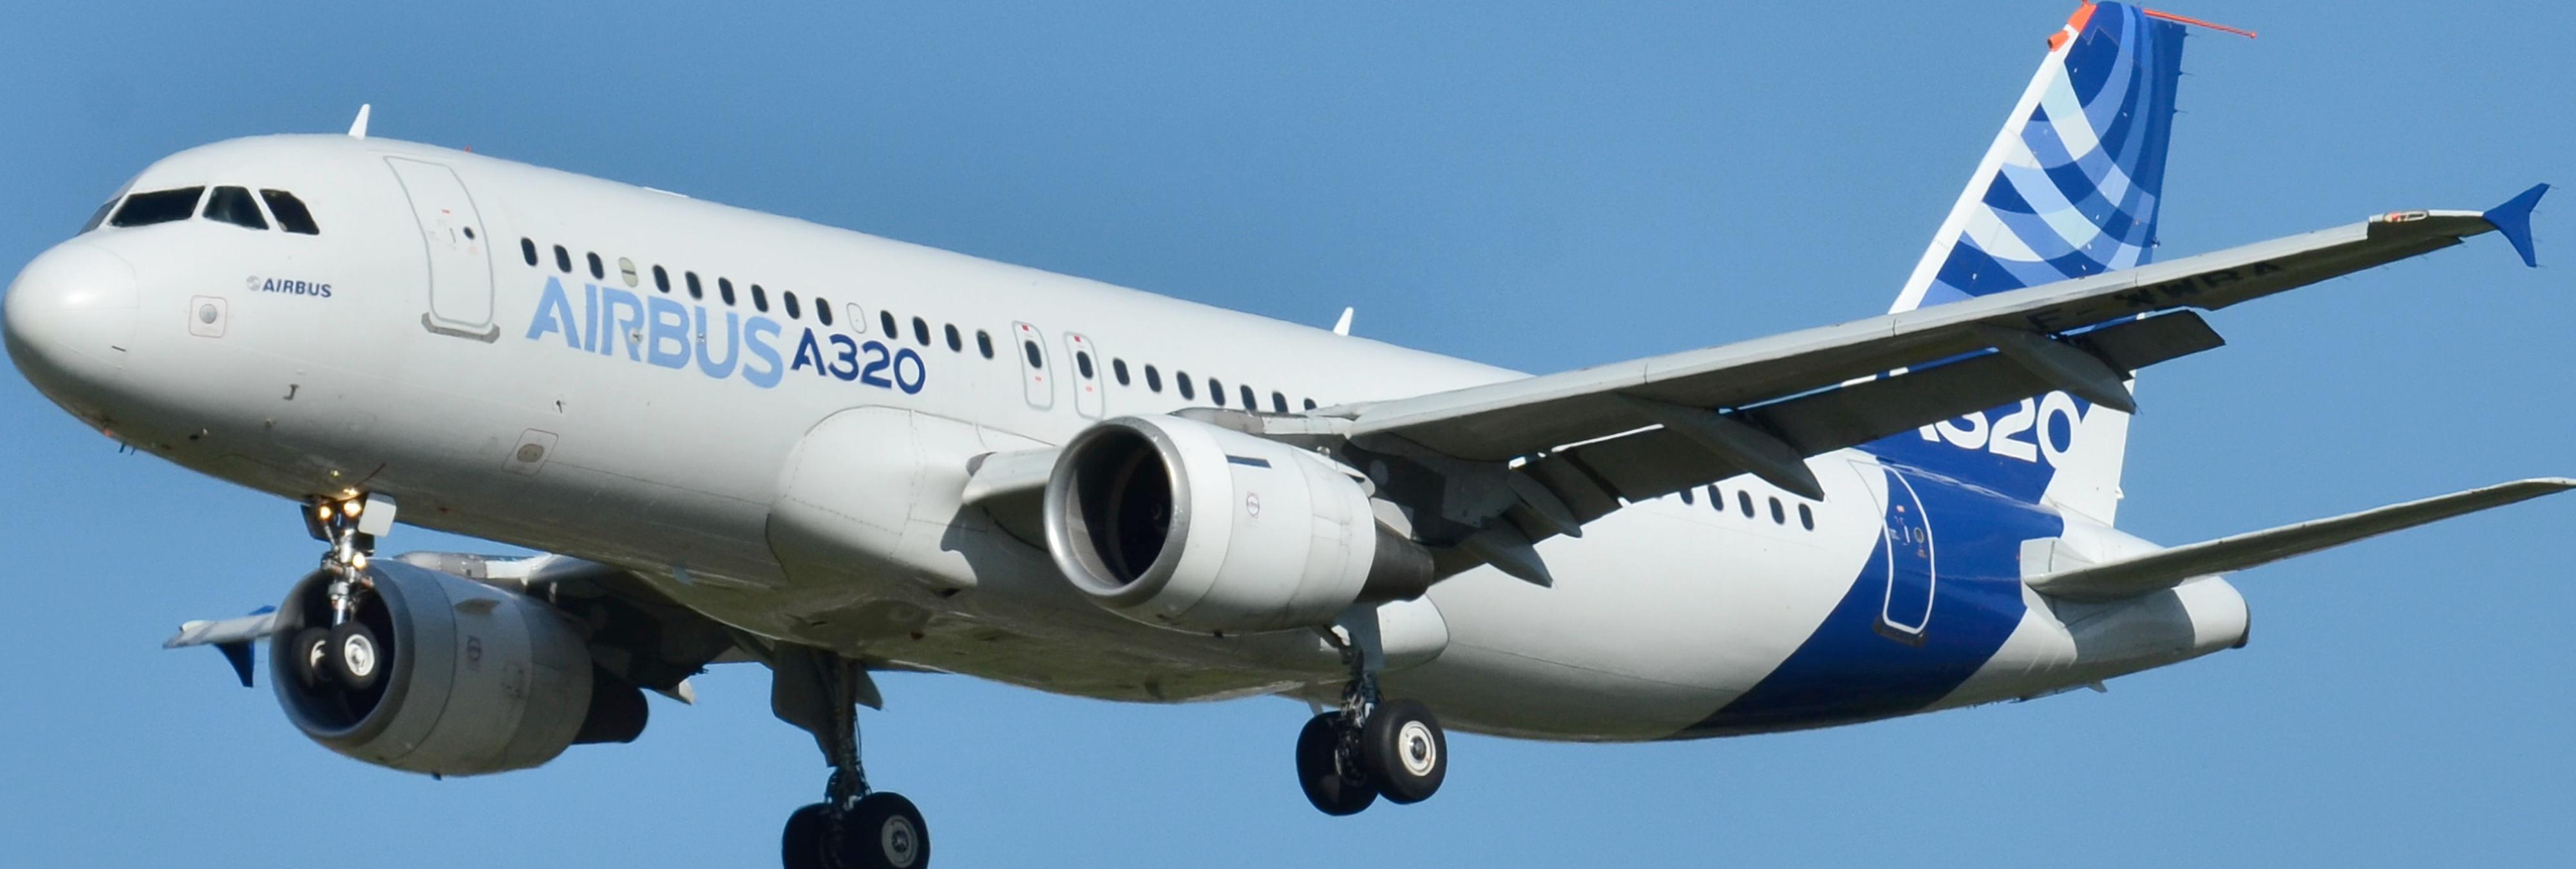 Un avión que cubría la ruta Barcelona - Dusseldorf se estrella en los Alpes